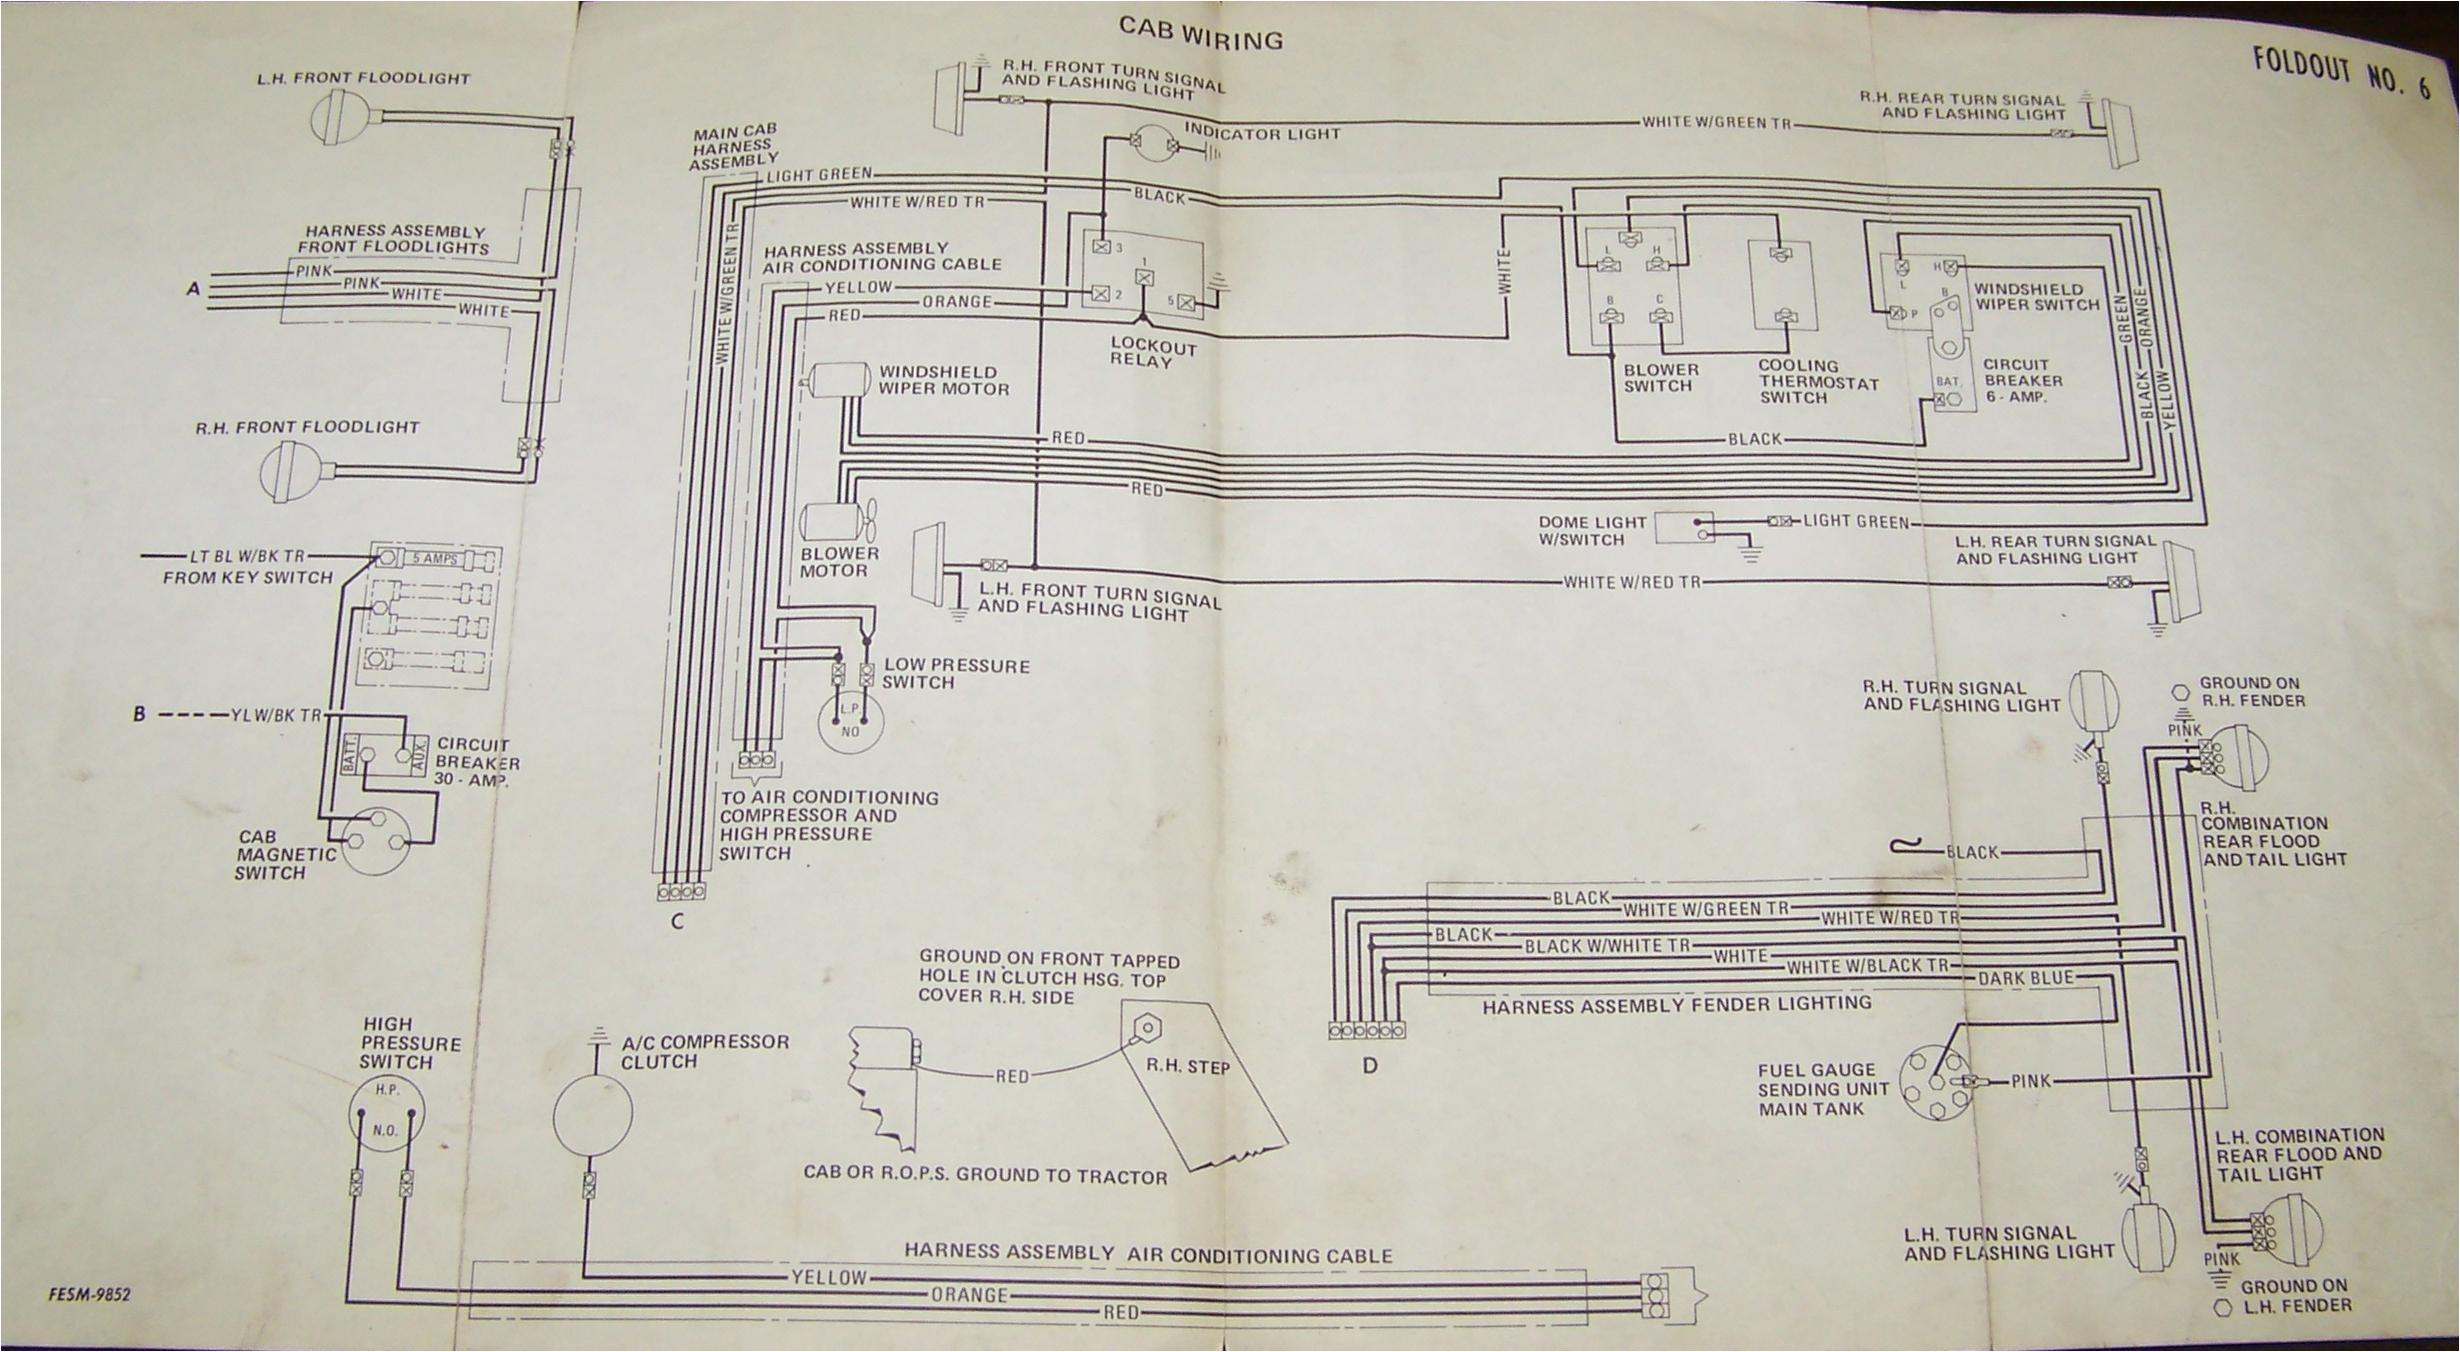 ih 574 wiring circuit diagram wiring diagram rowsih 574 wiring circuit diagram wiring diagram user ih